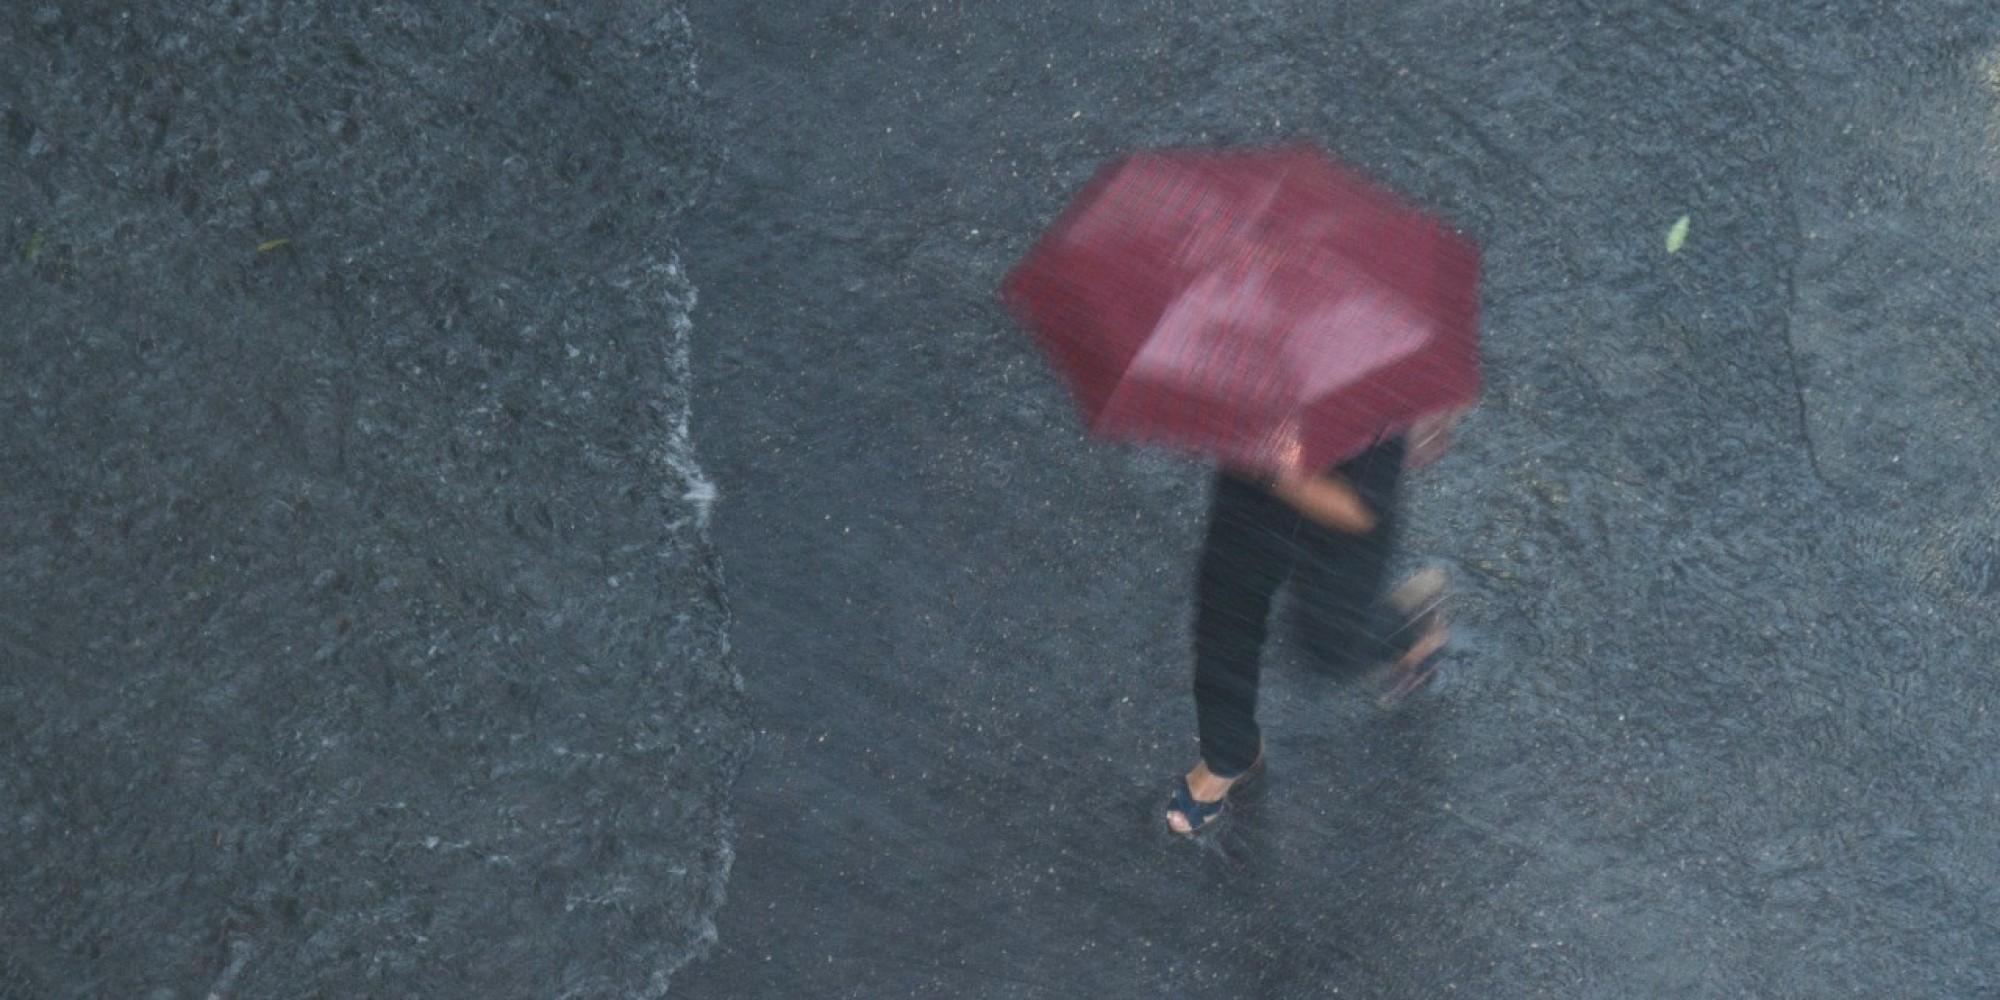 Fortes averses orageuses entre mercredi et jeudi